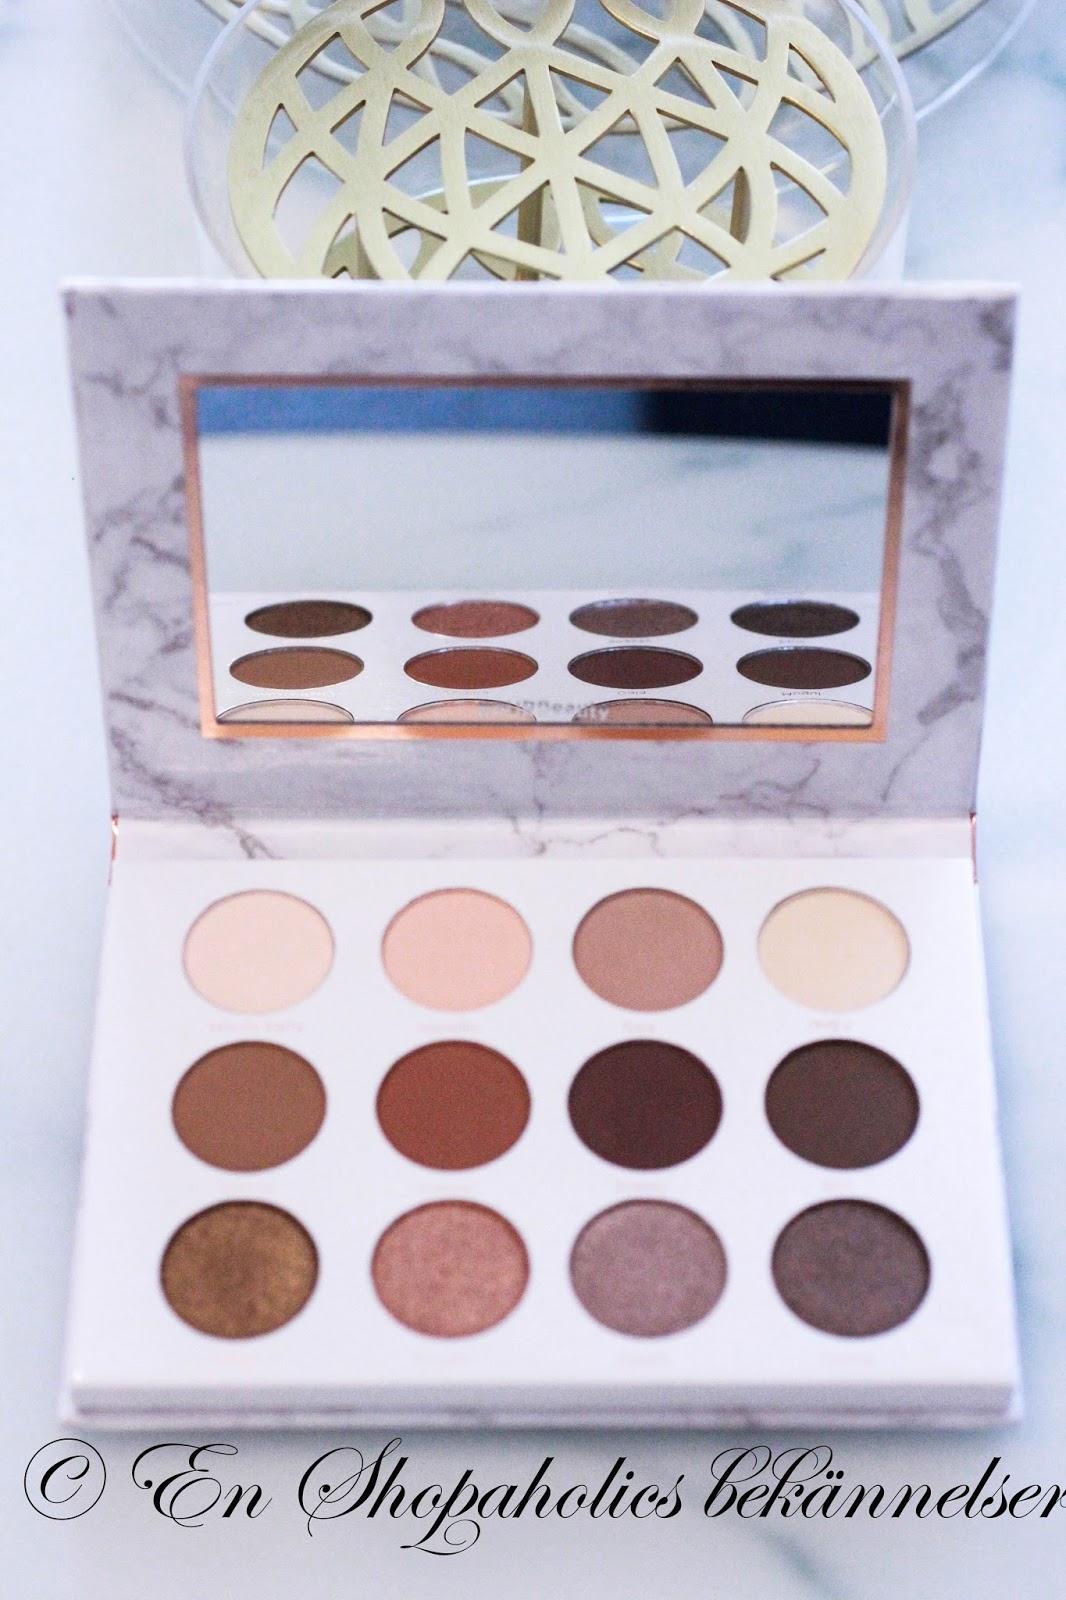 Paletten  The Soirée Diaries är en perfekt vardagspalett där de flesta  färger är enkla att använda. Den innehåller en fin och naturlig färgskala  som kan ... bb081023065ca